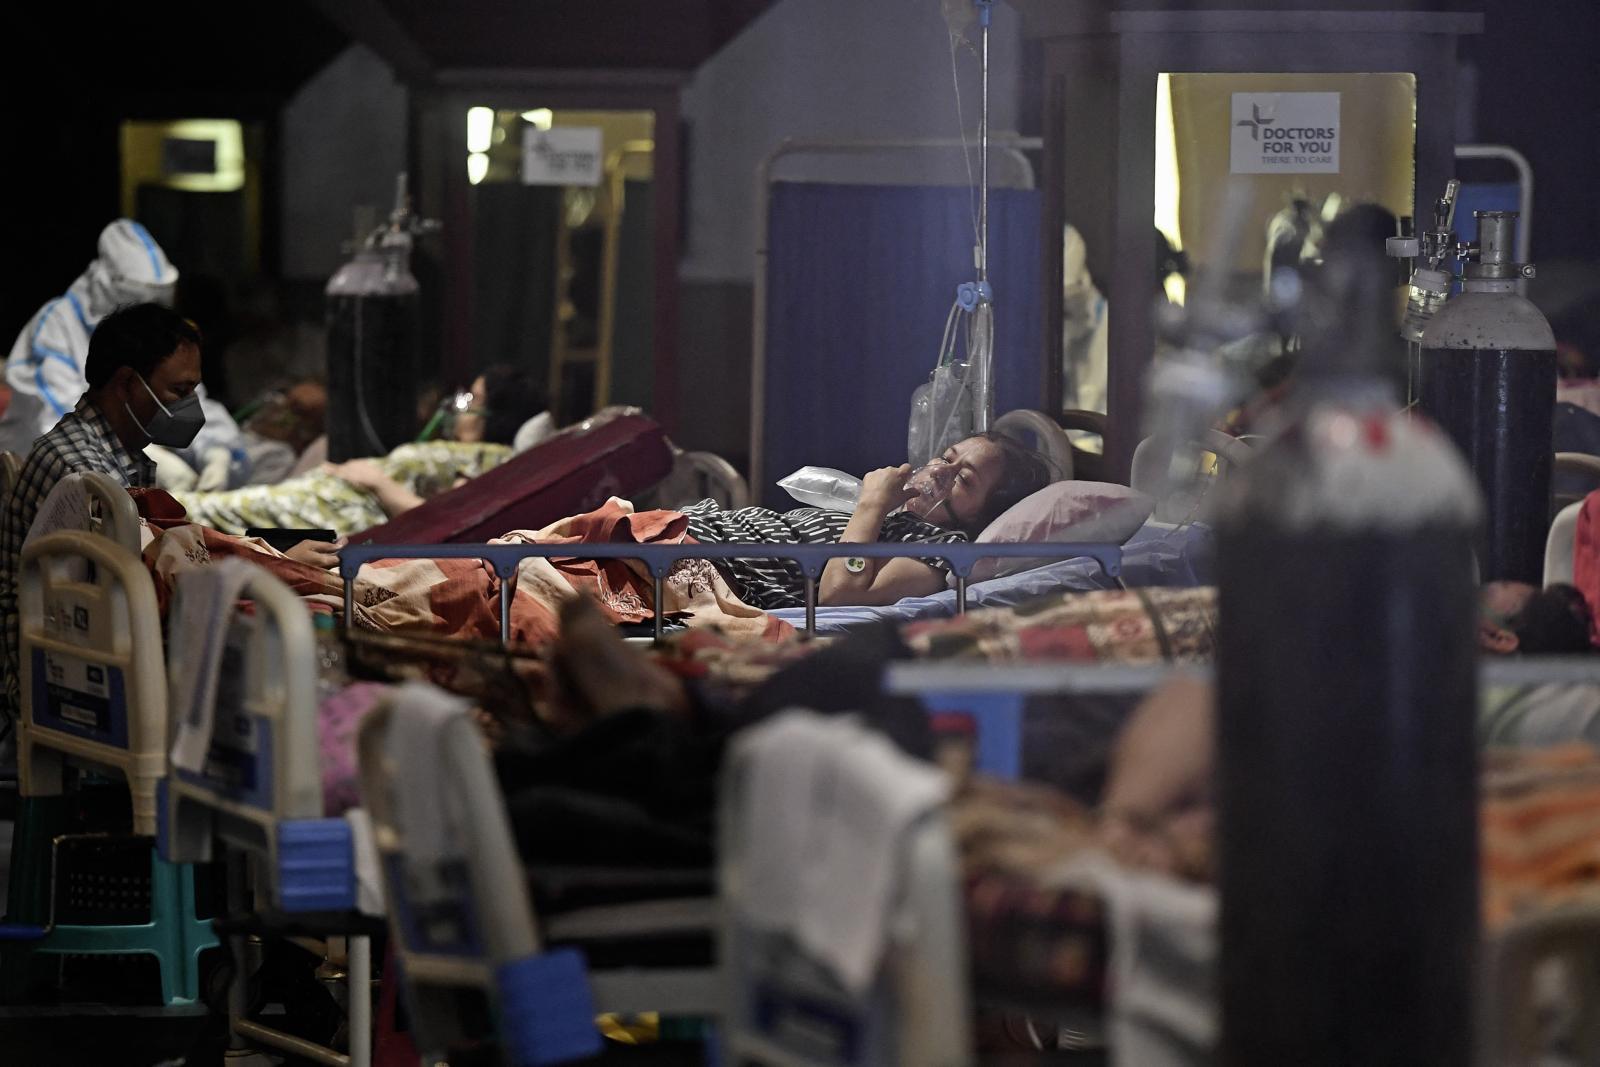 """อินเดียเคราะห์ซ้ำ ผู้ป่วยโควิด-19 หลายร้อยราย """"ติดเชื้อรากินสมอง"""""""